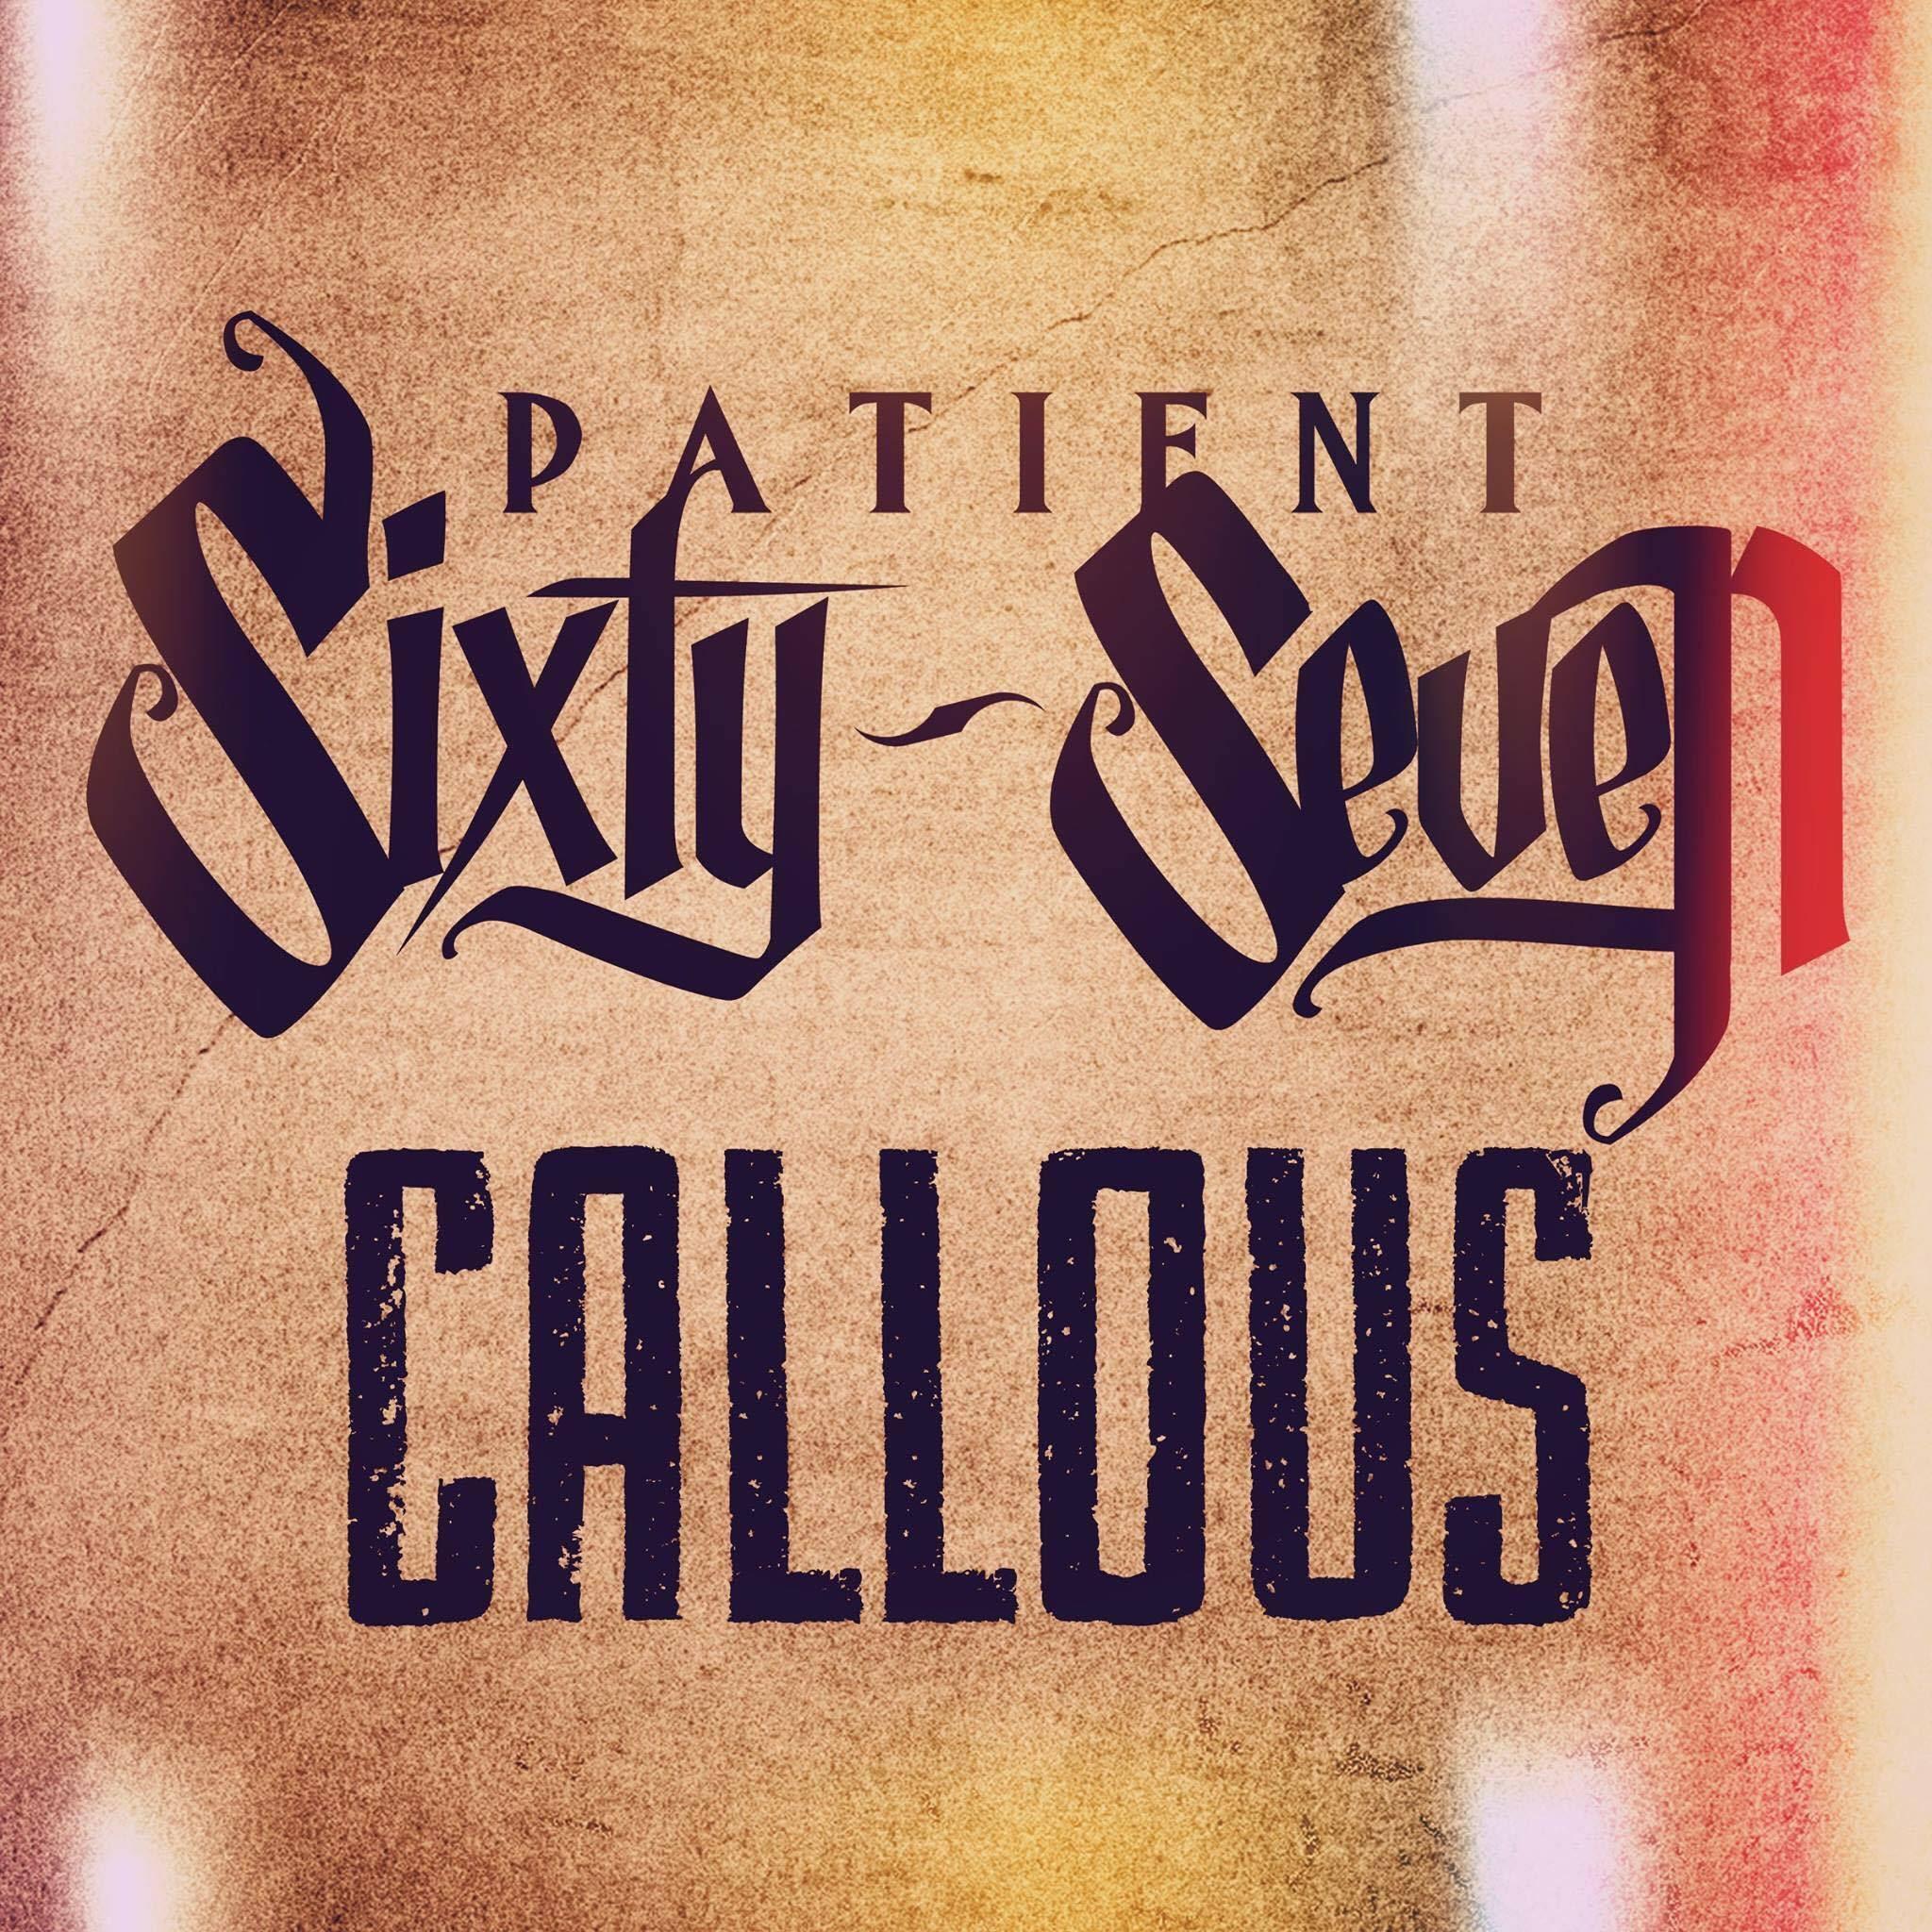 www.facebook.com/patientsixtyseven